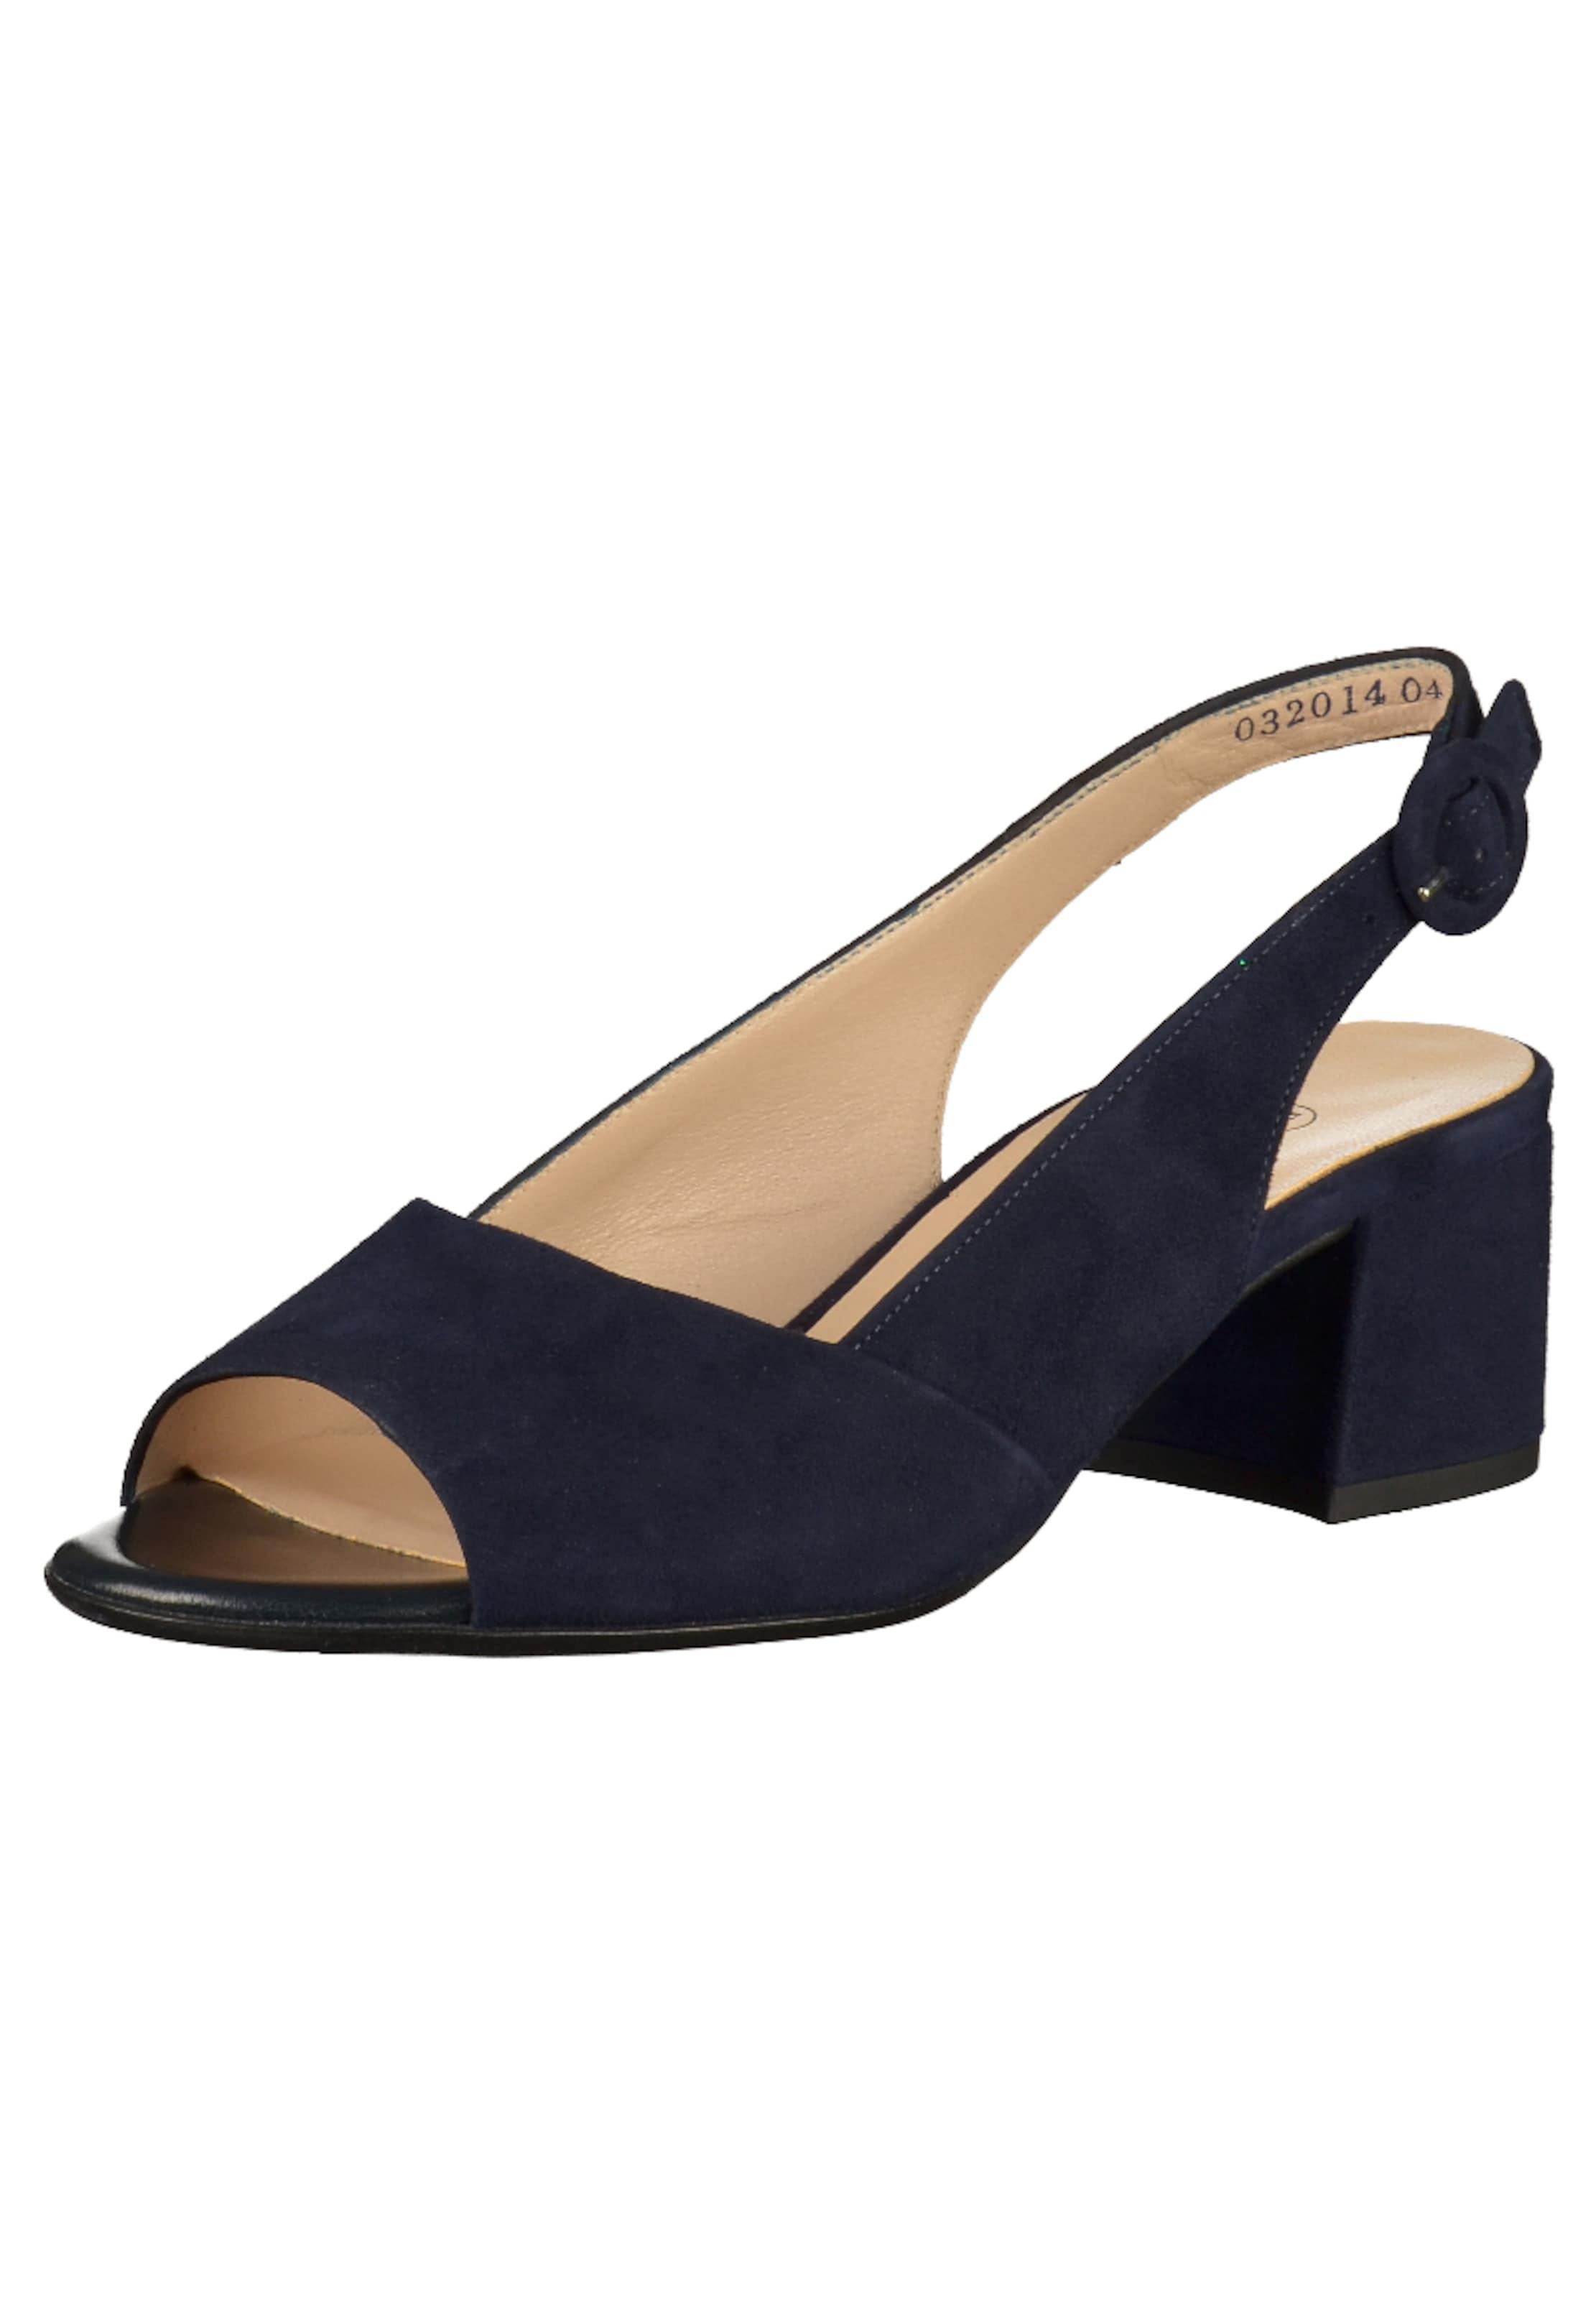 Haltbare Mode billige Schuhe PETER KAISER | Sandalen Schuhe Gut getragene Schuhe